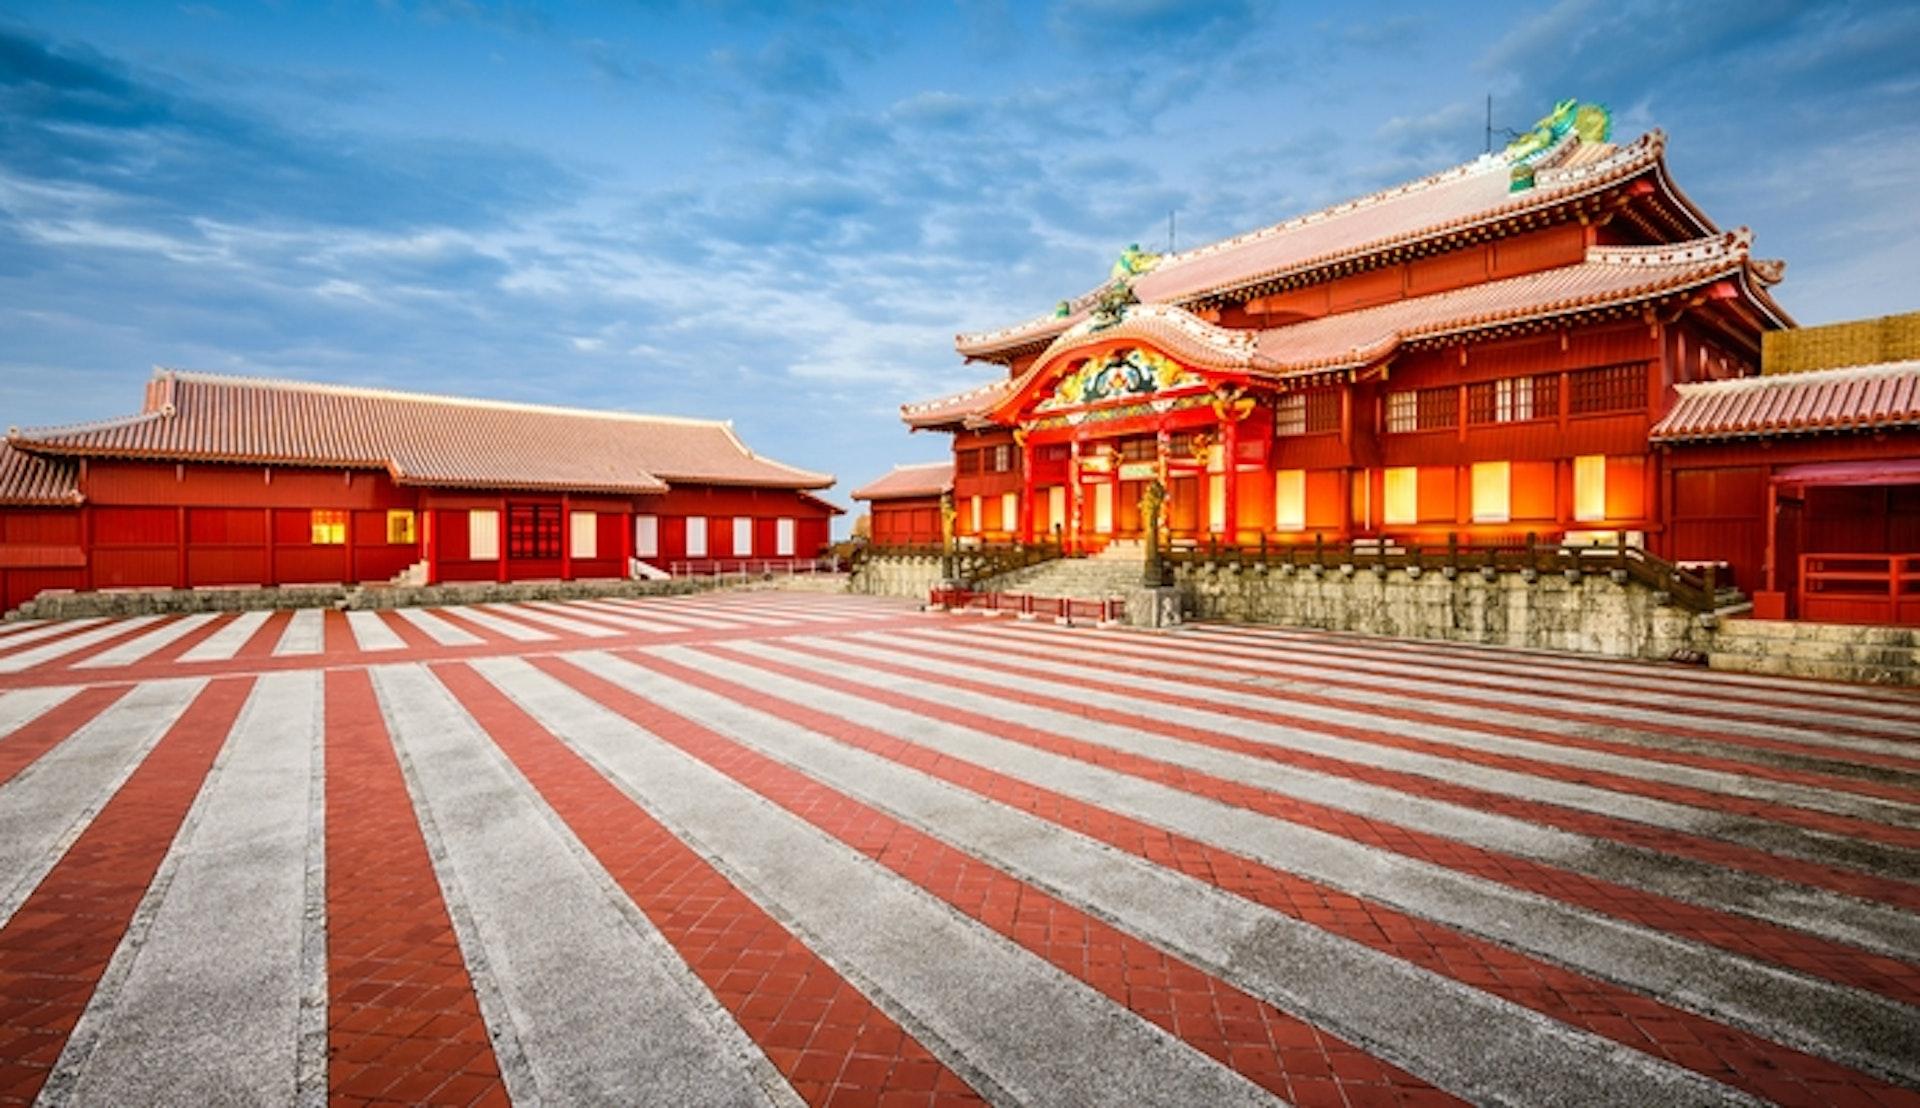 Kryssning till Japan